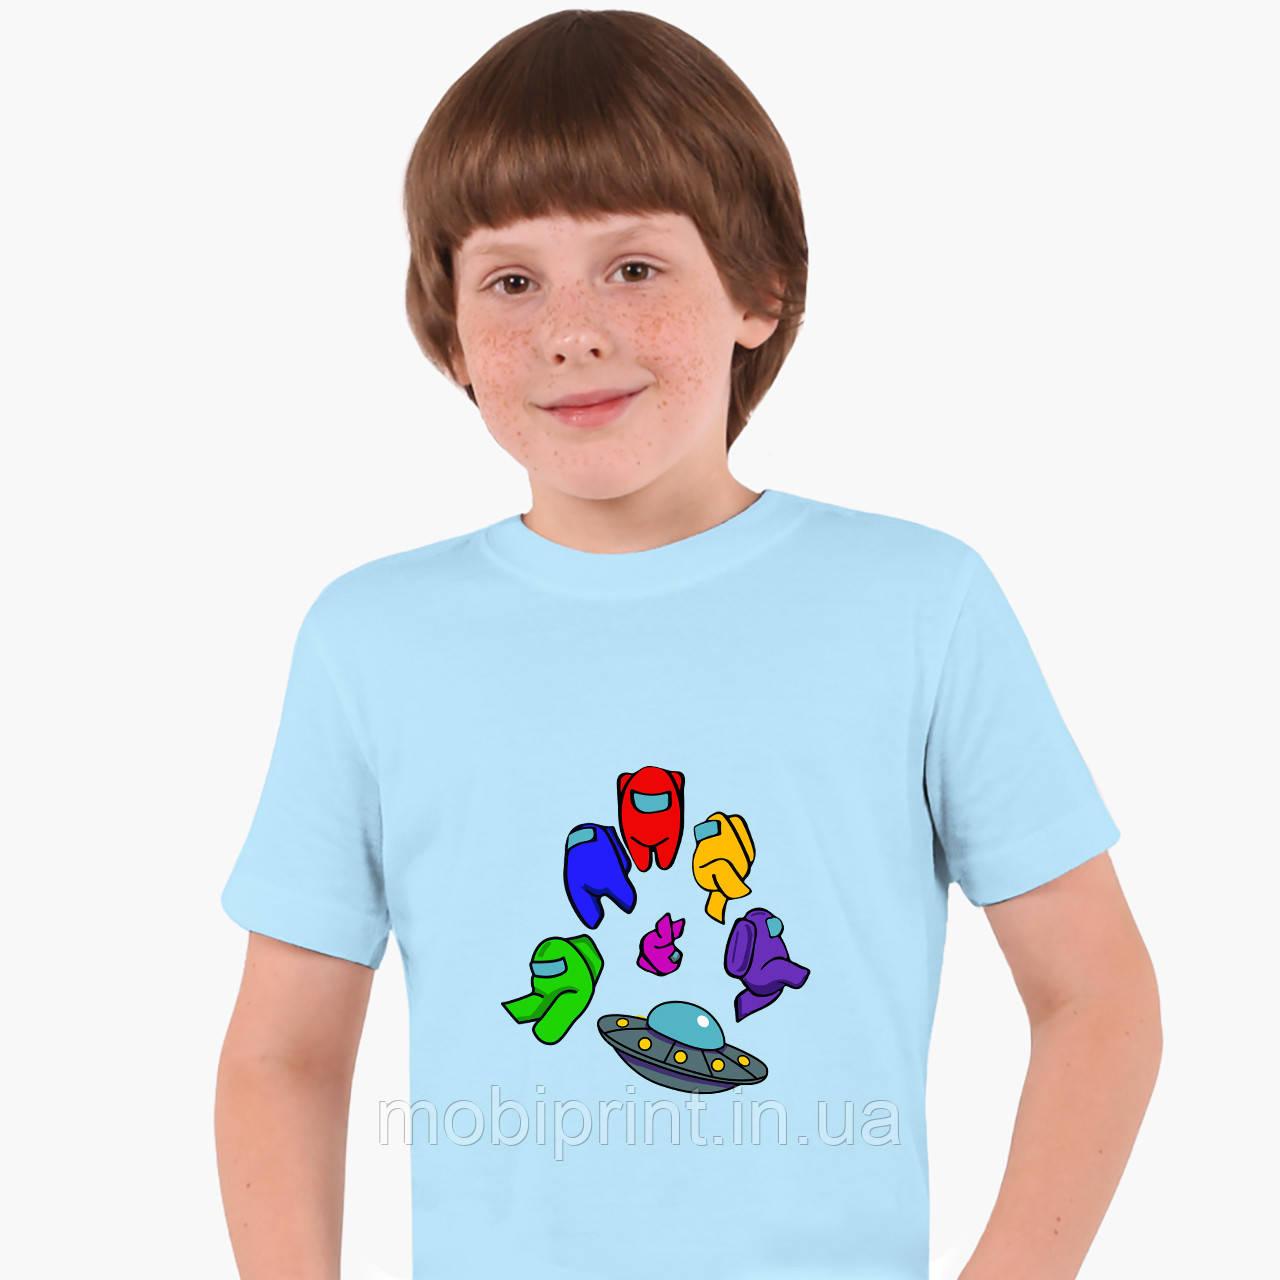 Дитяча футболка для хлопчиків Амонг Ас (Among Us) (25186-2585) Блакитний